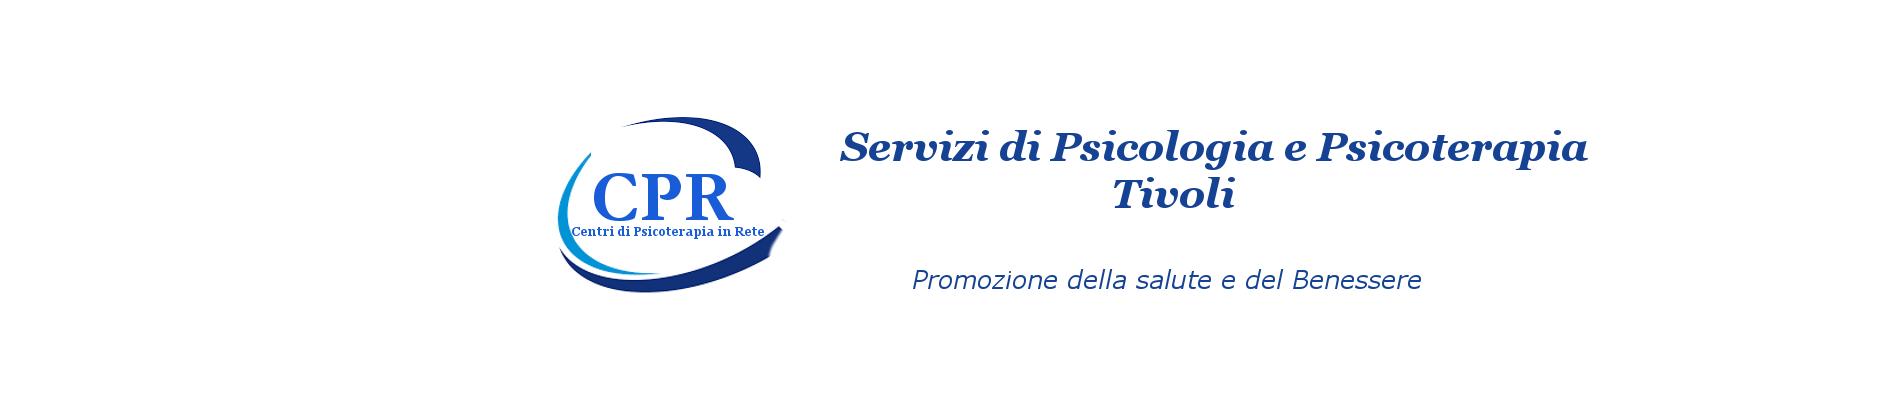 Servizio di psicologia solidale